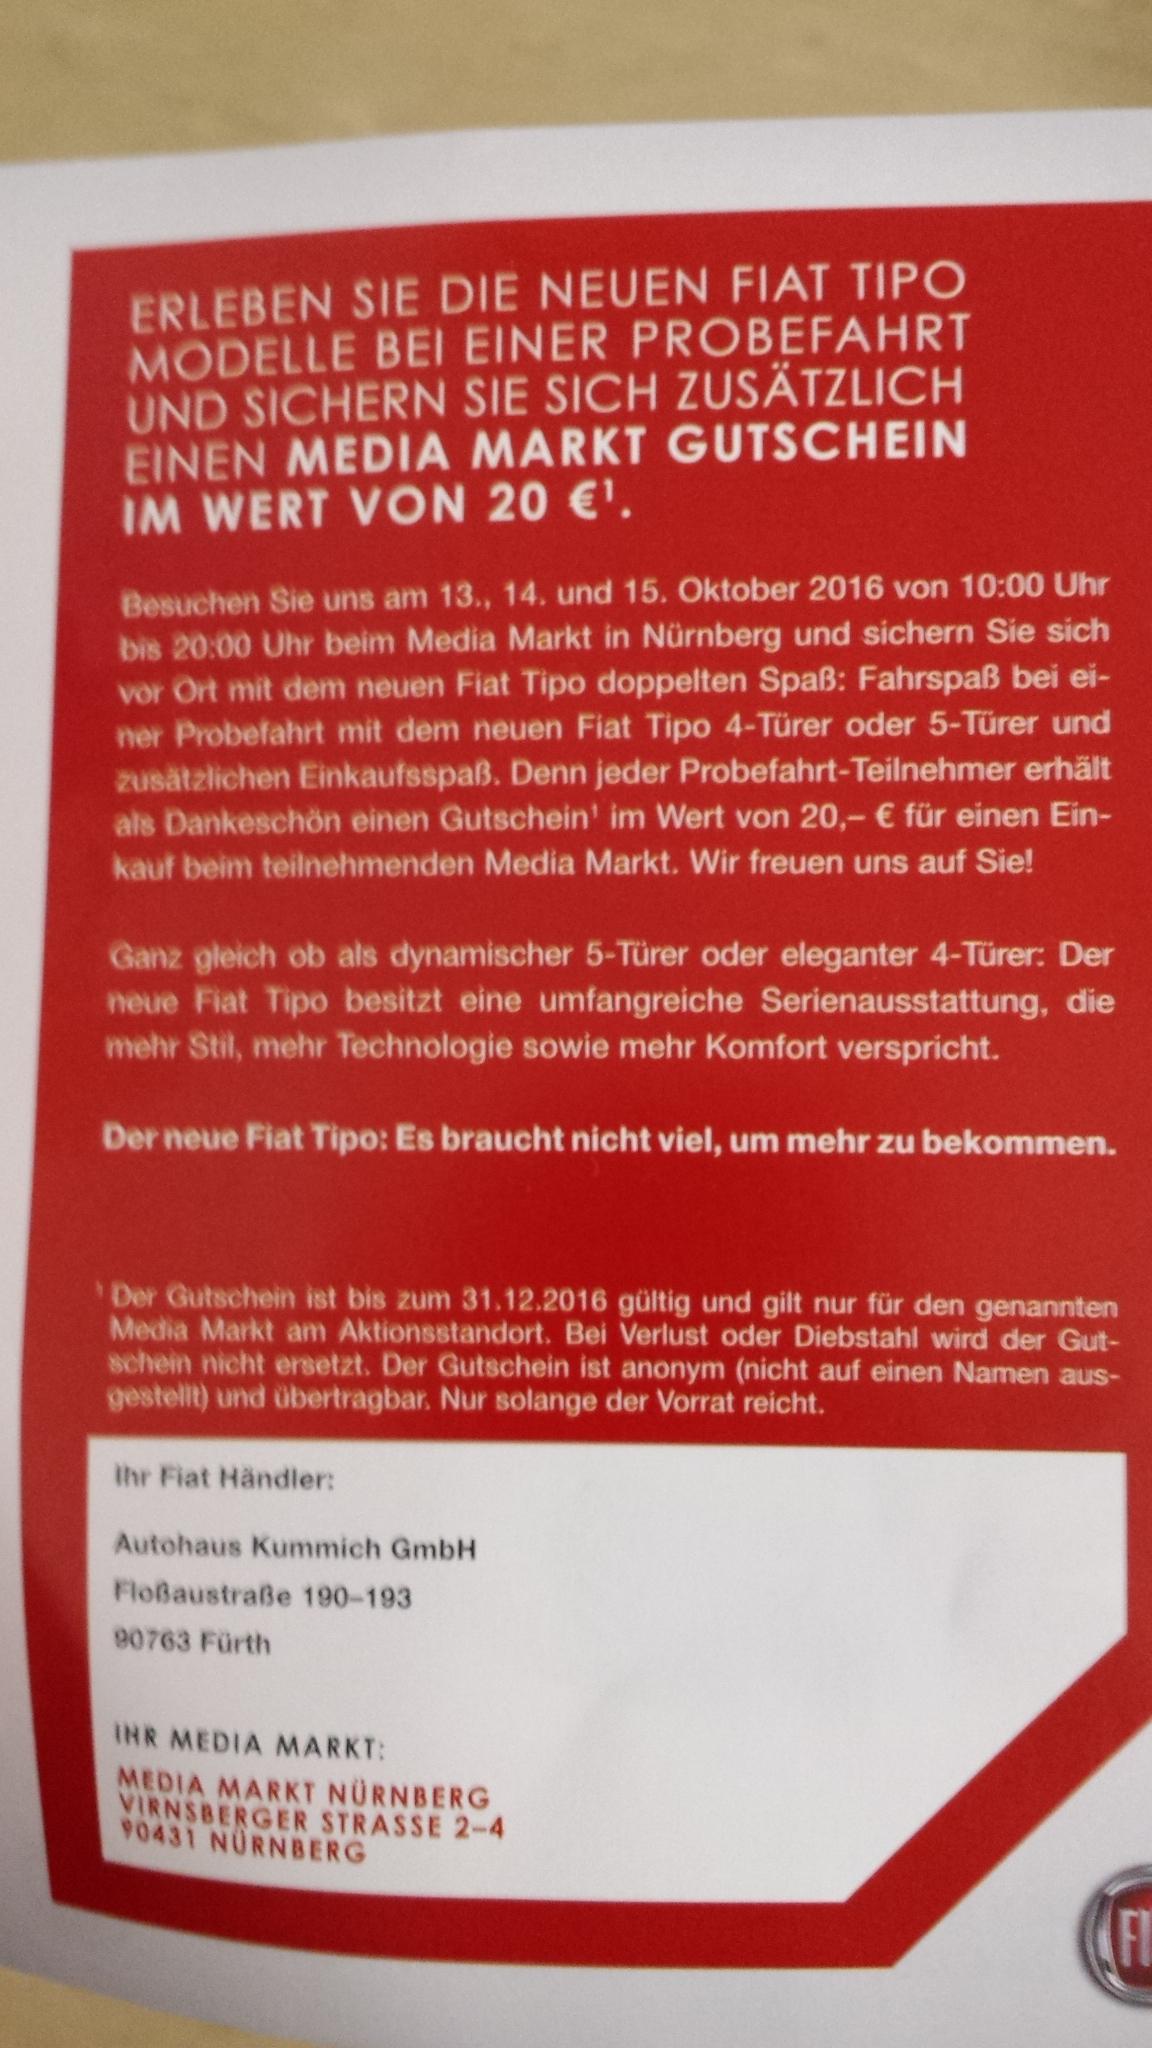 Nürnberg 20 Euro Media Markt Gutschein für kostenlose probefahrt